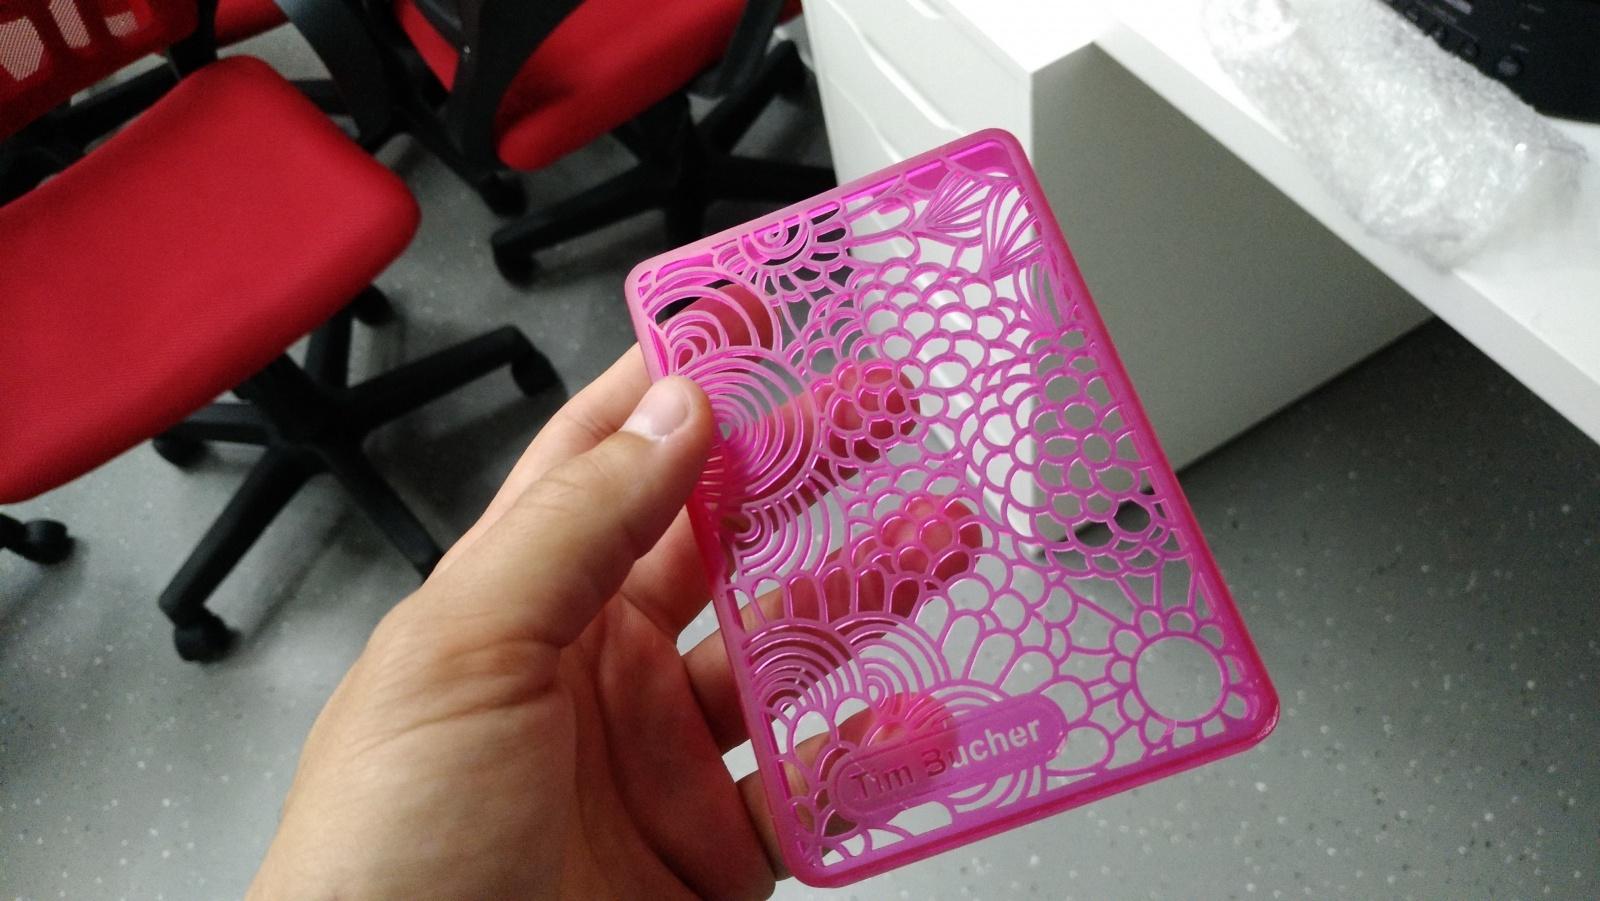 Цветной 3D-принтер Da Vinci. Фоторепортаж с презентации Компании XYZprinting - 8